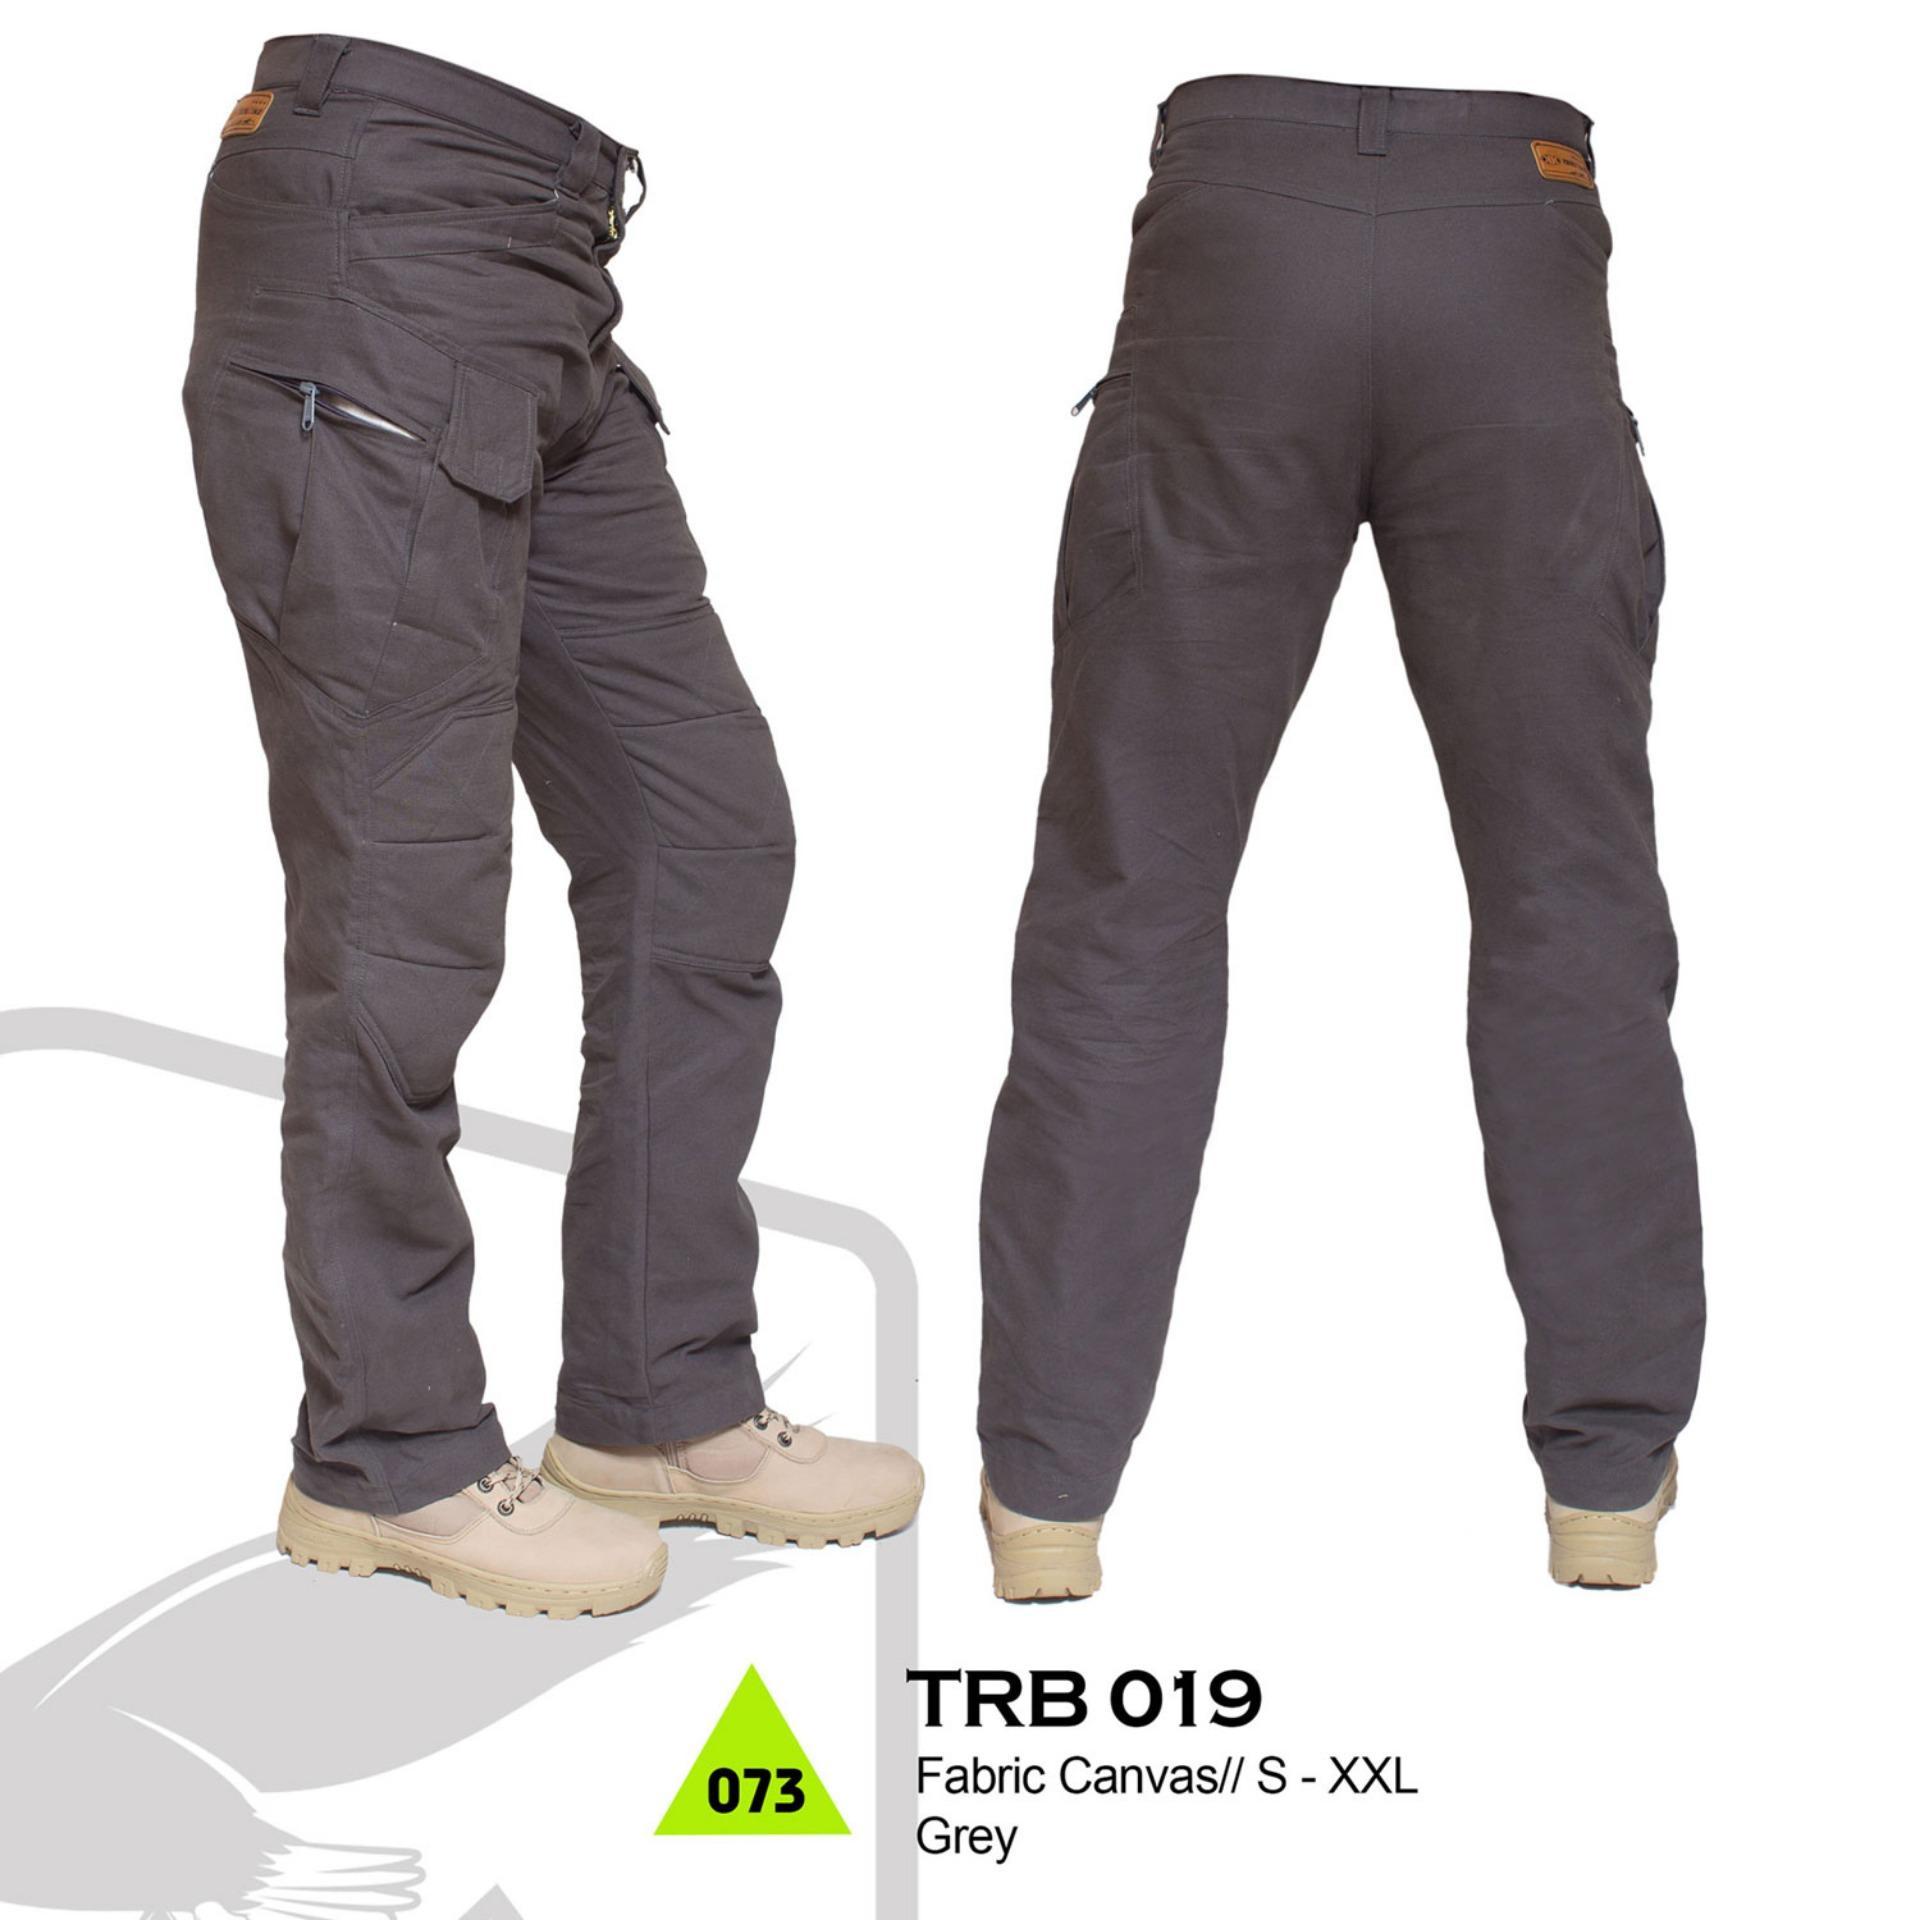 Trekking TRB 019 Celana Gunung - bahan canvas - Bagus & berkualitas (Abu-abu)